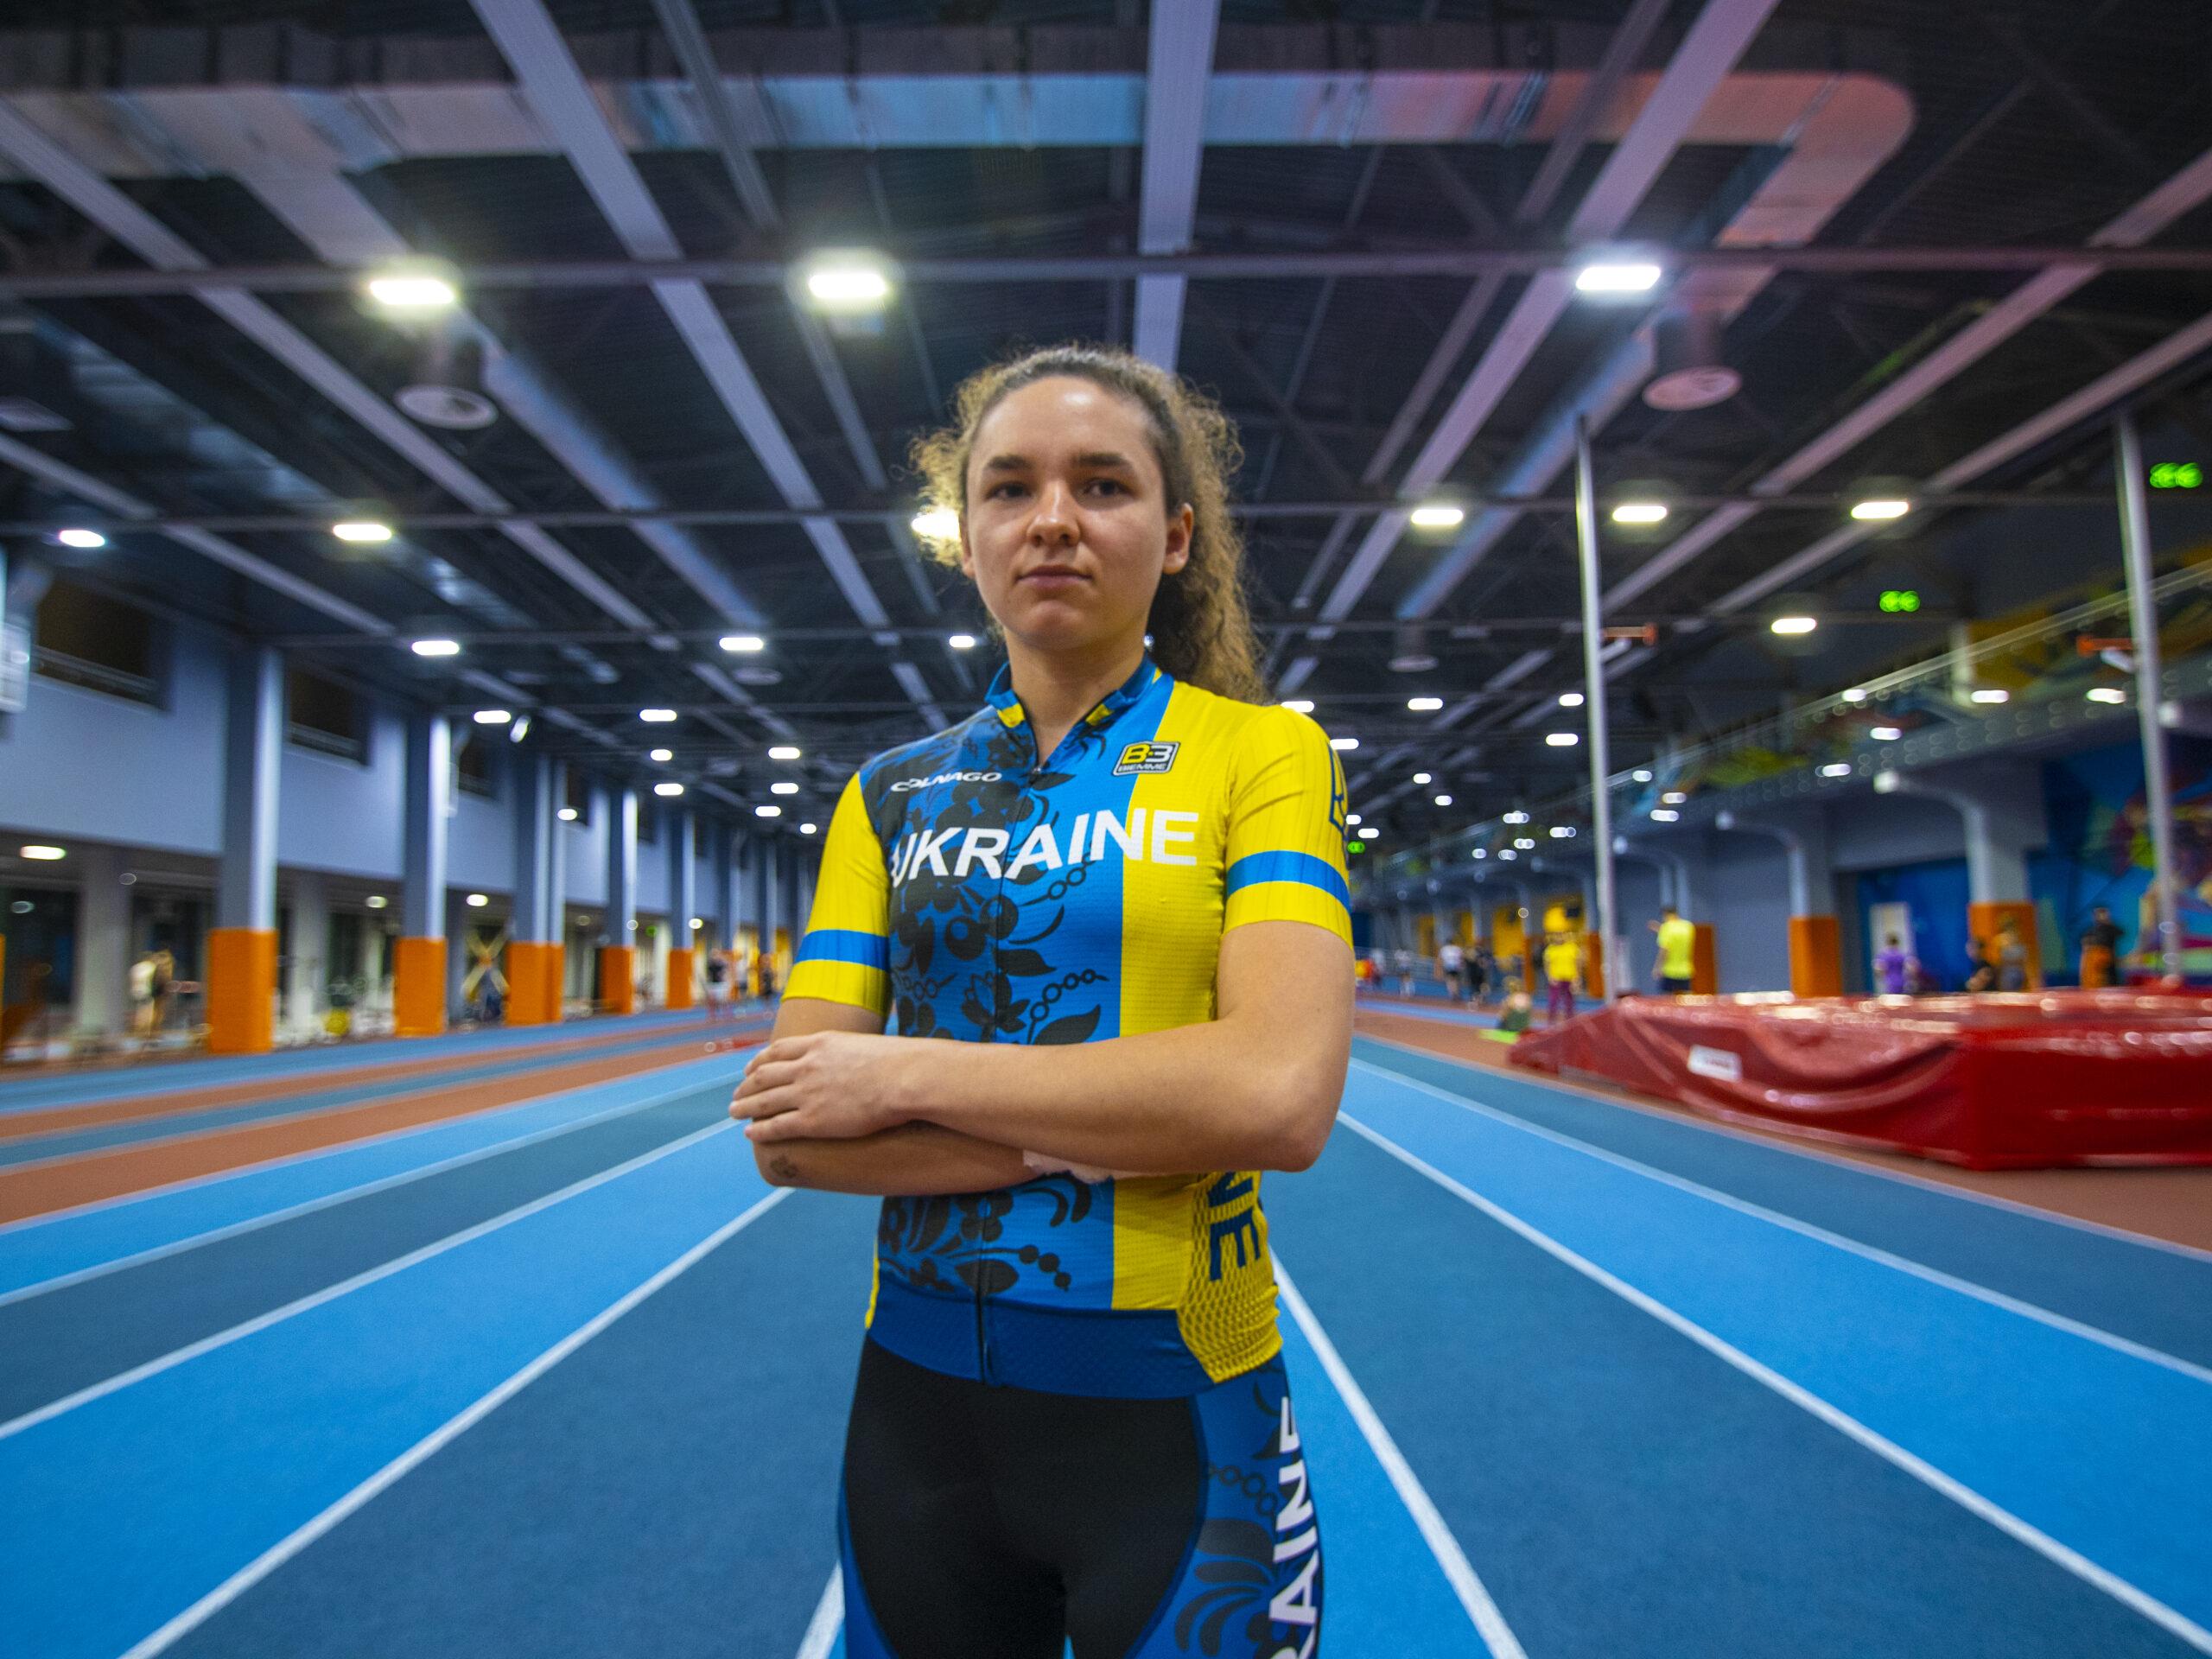 Віта Олексюк пройшла перекласифікацію перед Паралімпійськими Іграми